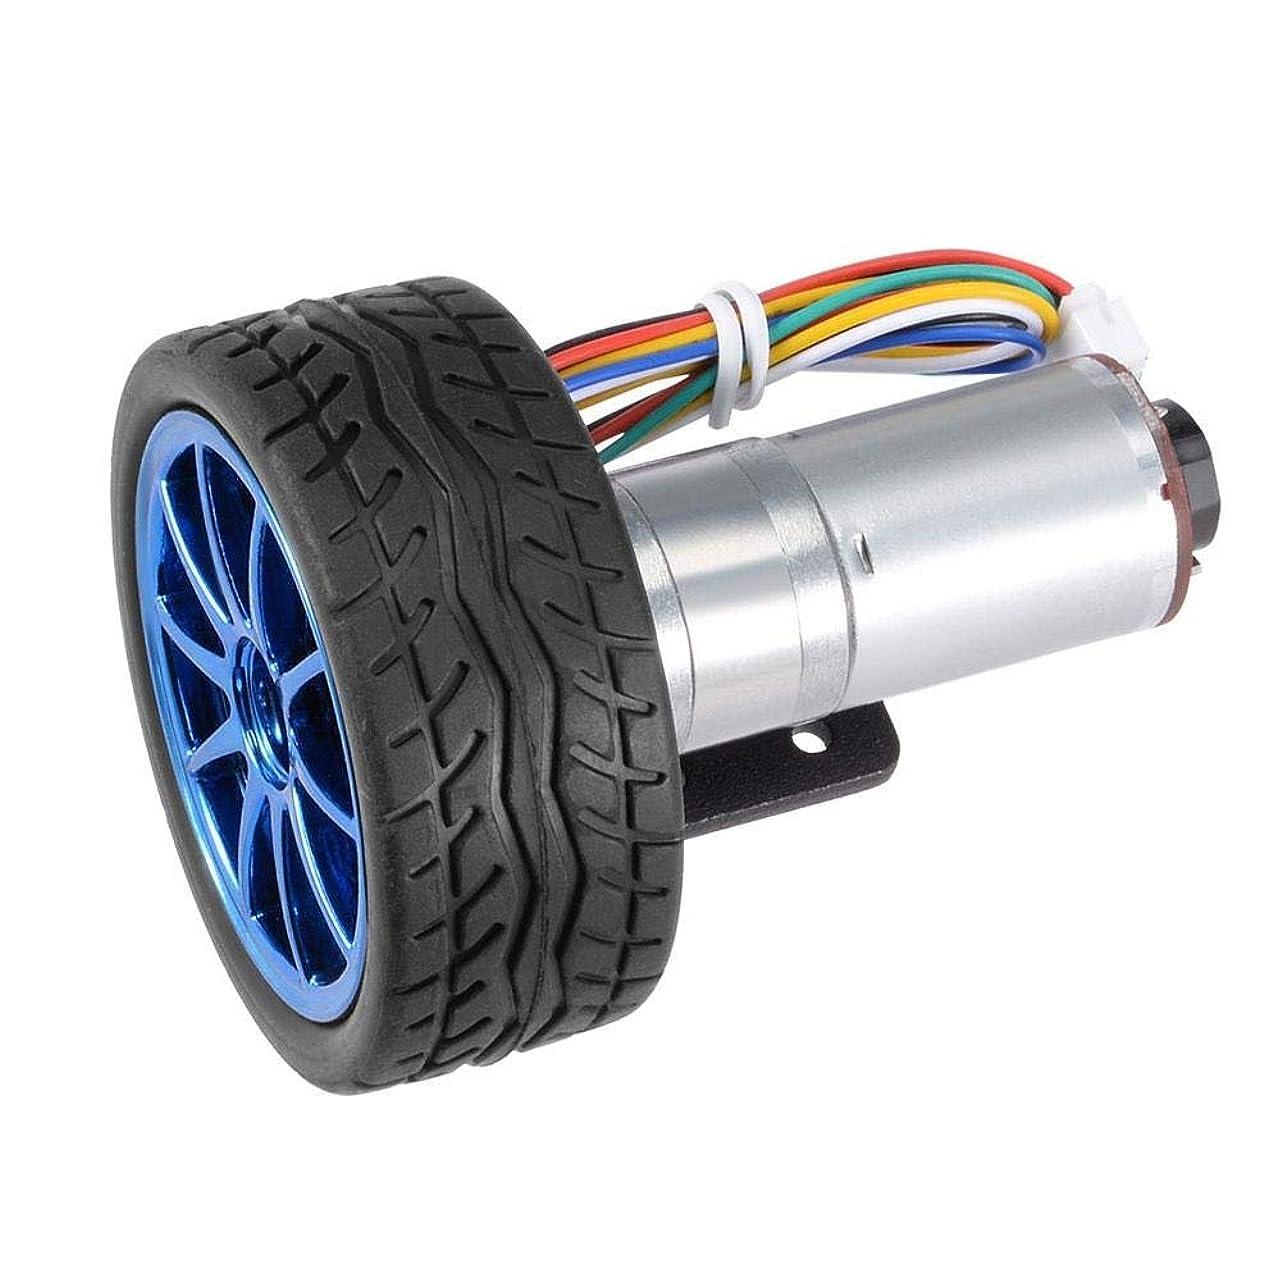 実施する継承絞るDC 6V DIYエンコーダーギアモーターマウントブラケット付き65mmホイールキットマイクロスピードリダクションモータースマートカーロボット用DIYギアボックスモーターモデルDIYエンジンおもちゃ(30RPM)